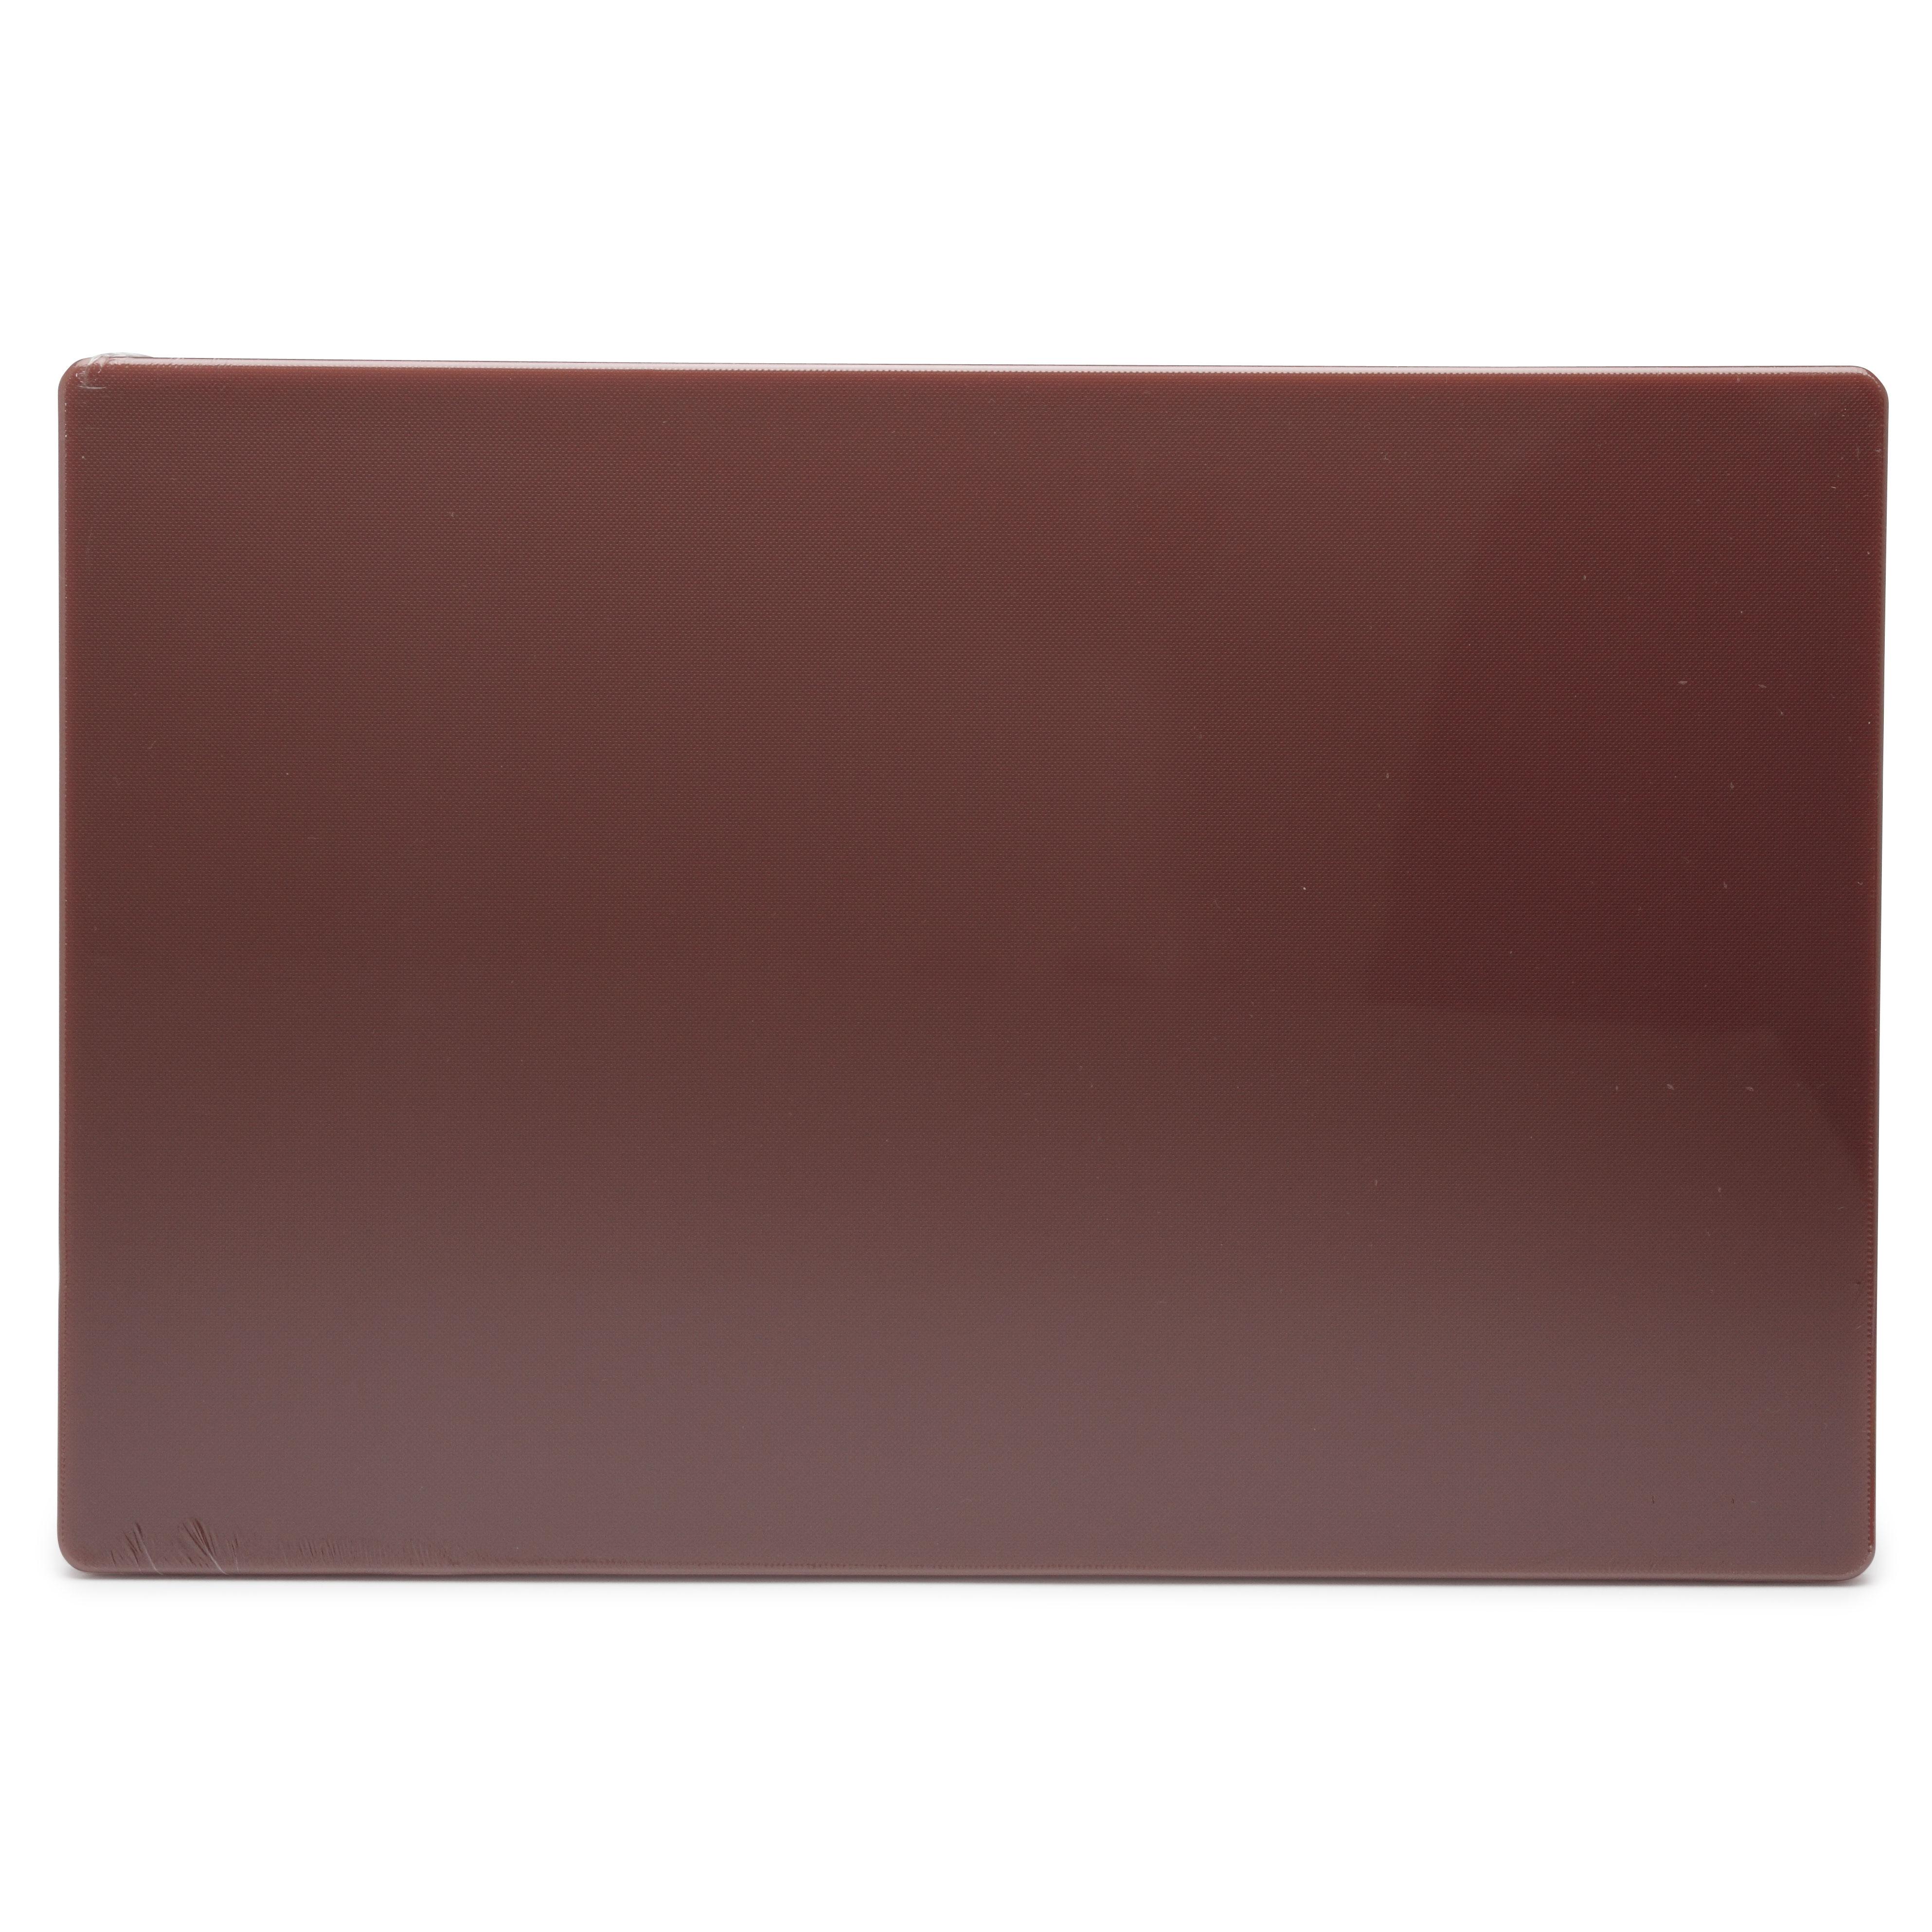 Royal Industries ROY CB 1218 BR cutting board, plastic